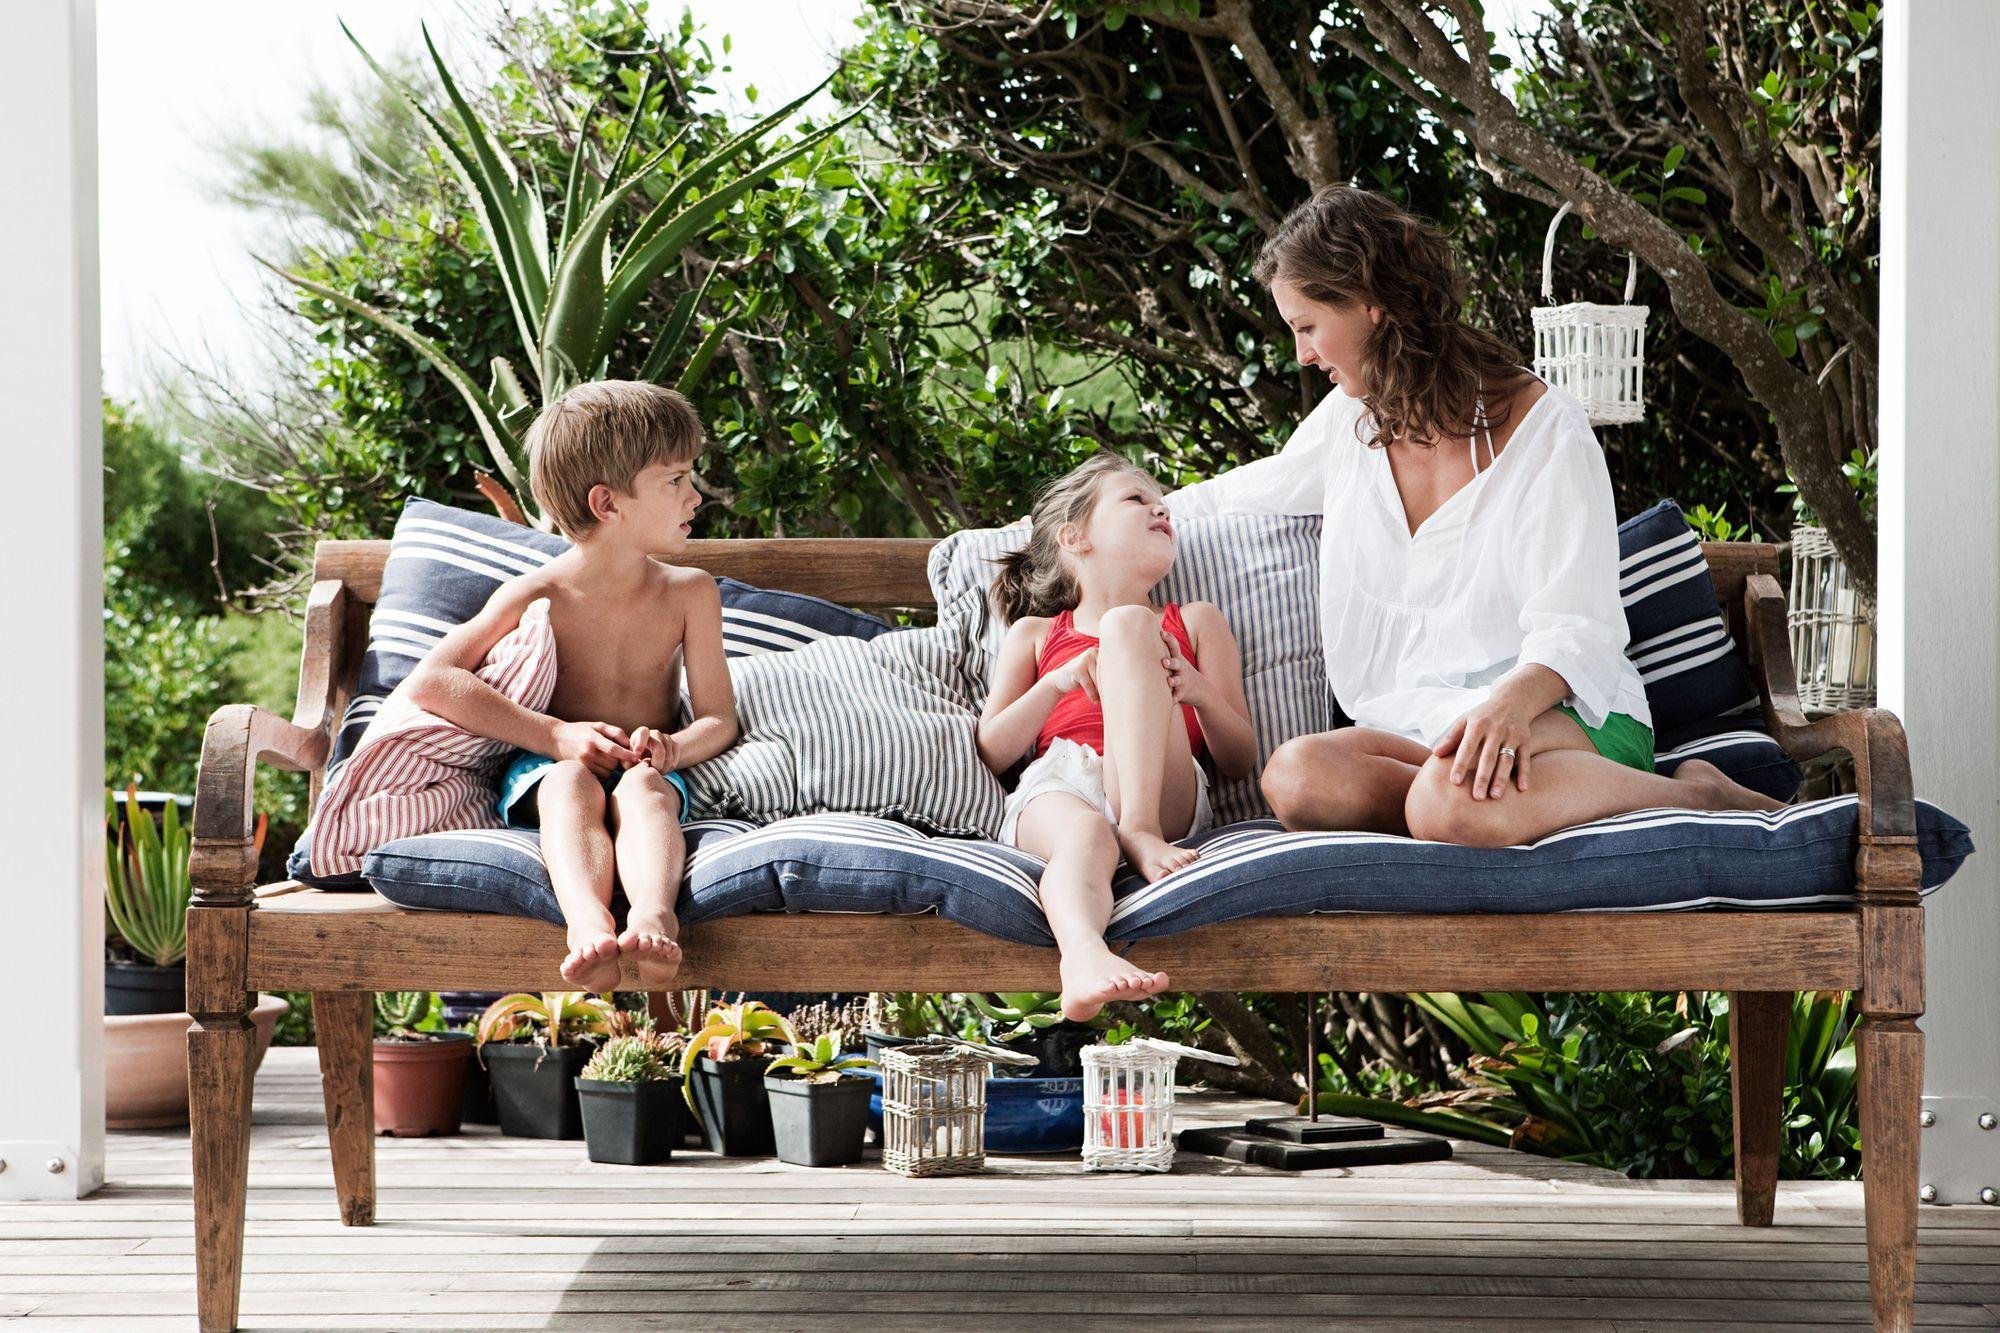 niños-viaje-intercambiodecasas-familia-vacaciones-verano